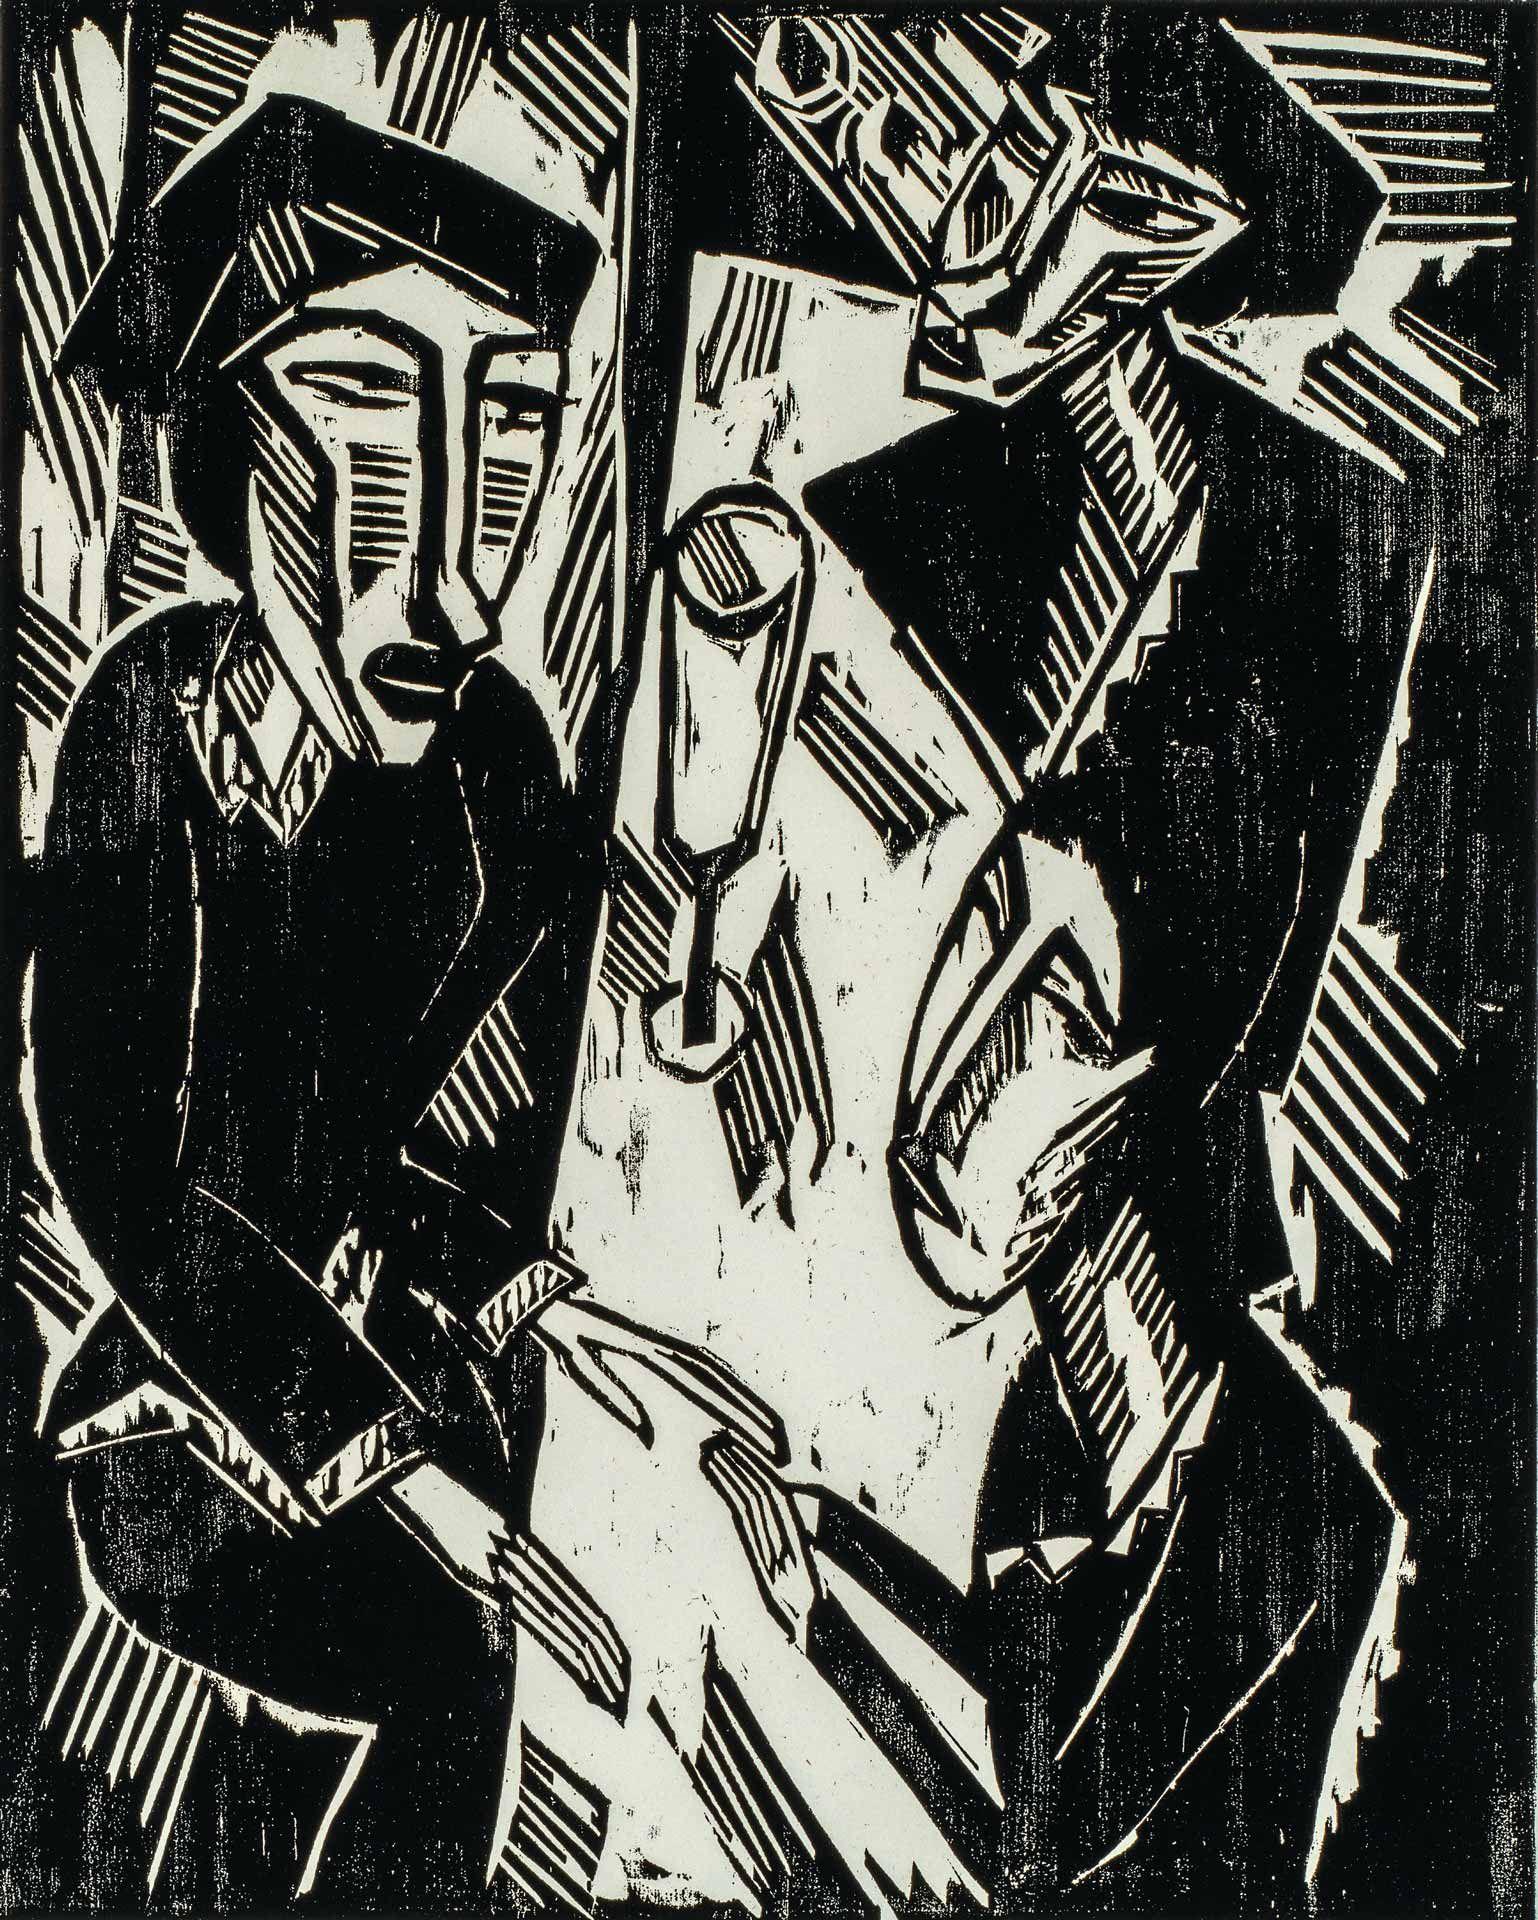 Karl Schmidt-Rottluff (1884-1976), Trois personnes à une table, 1914, gravure sur bois de fil, état unique. MBAM, achat, fonds de la Campagne du Musée ¬1988-1993. © Succession Karl Schmidt-Rottluff / SOCAN (2020)